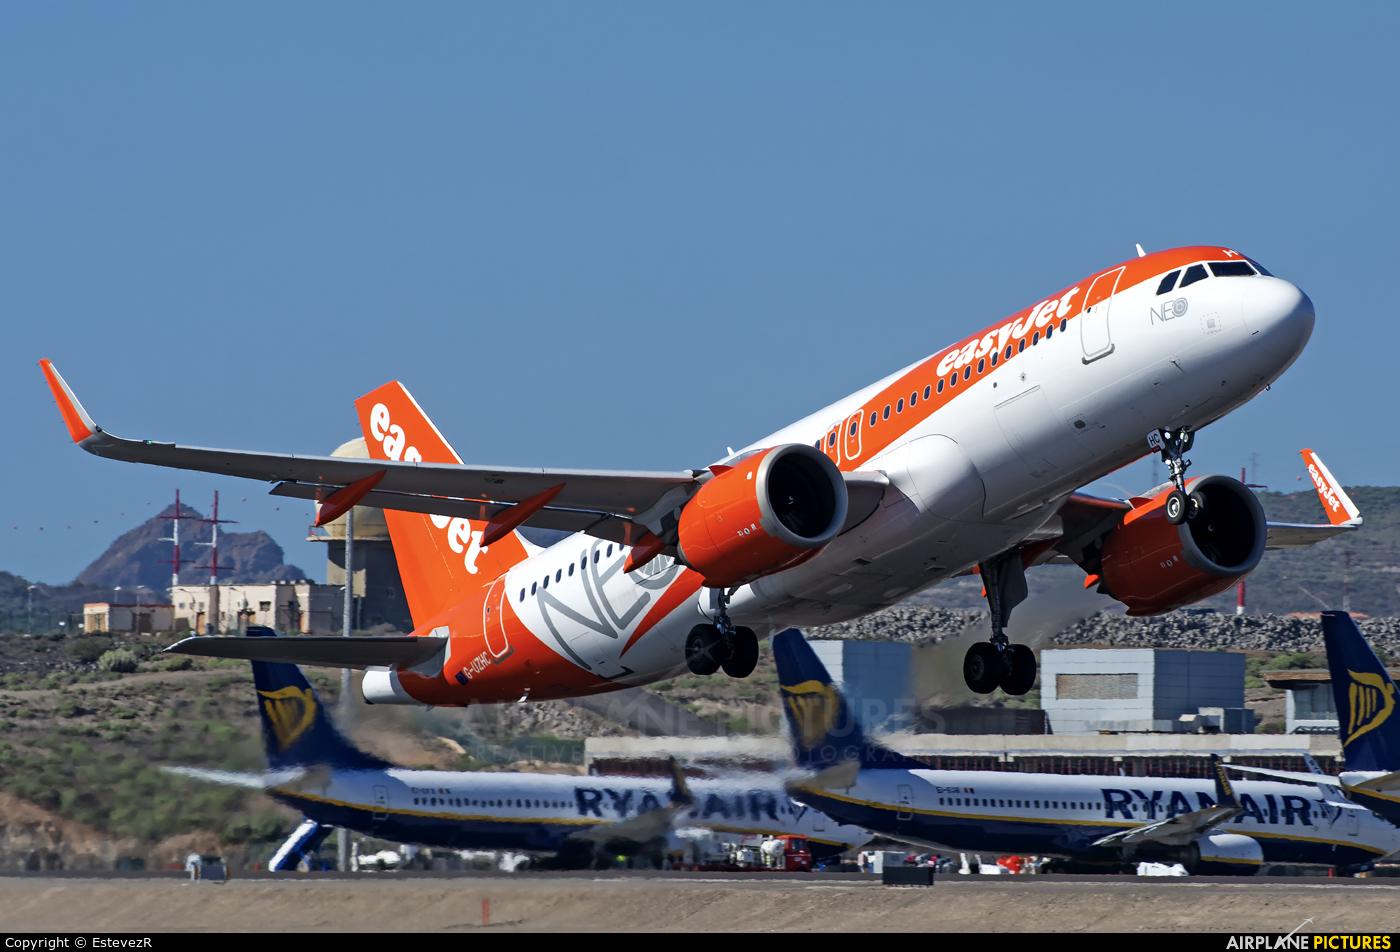 easyJet G-UZHC aircraft at Tenerife Sur - Reina Sofia